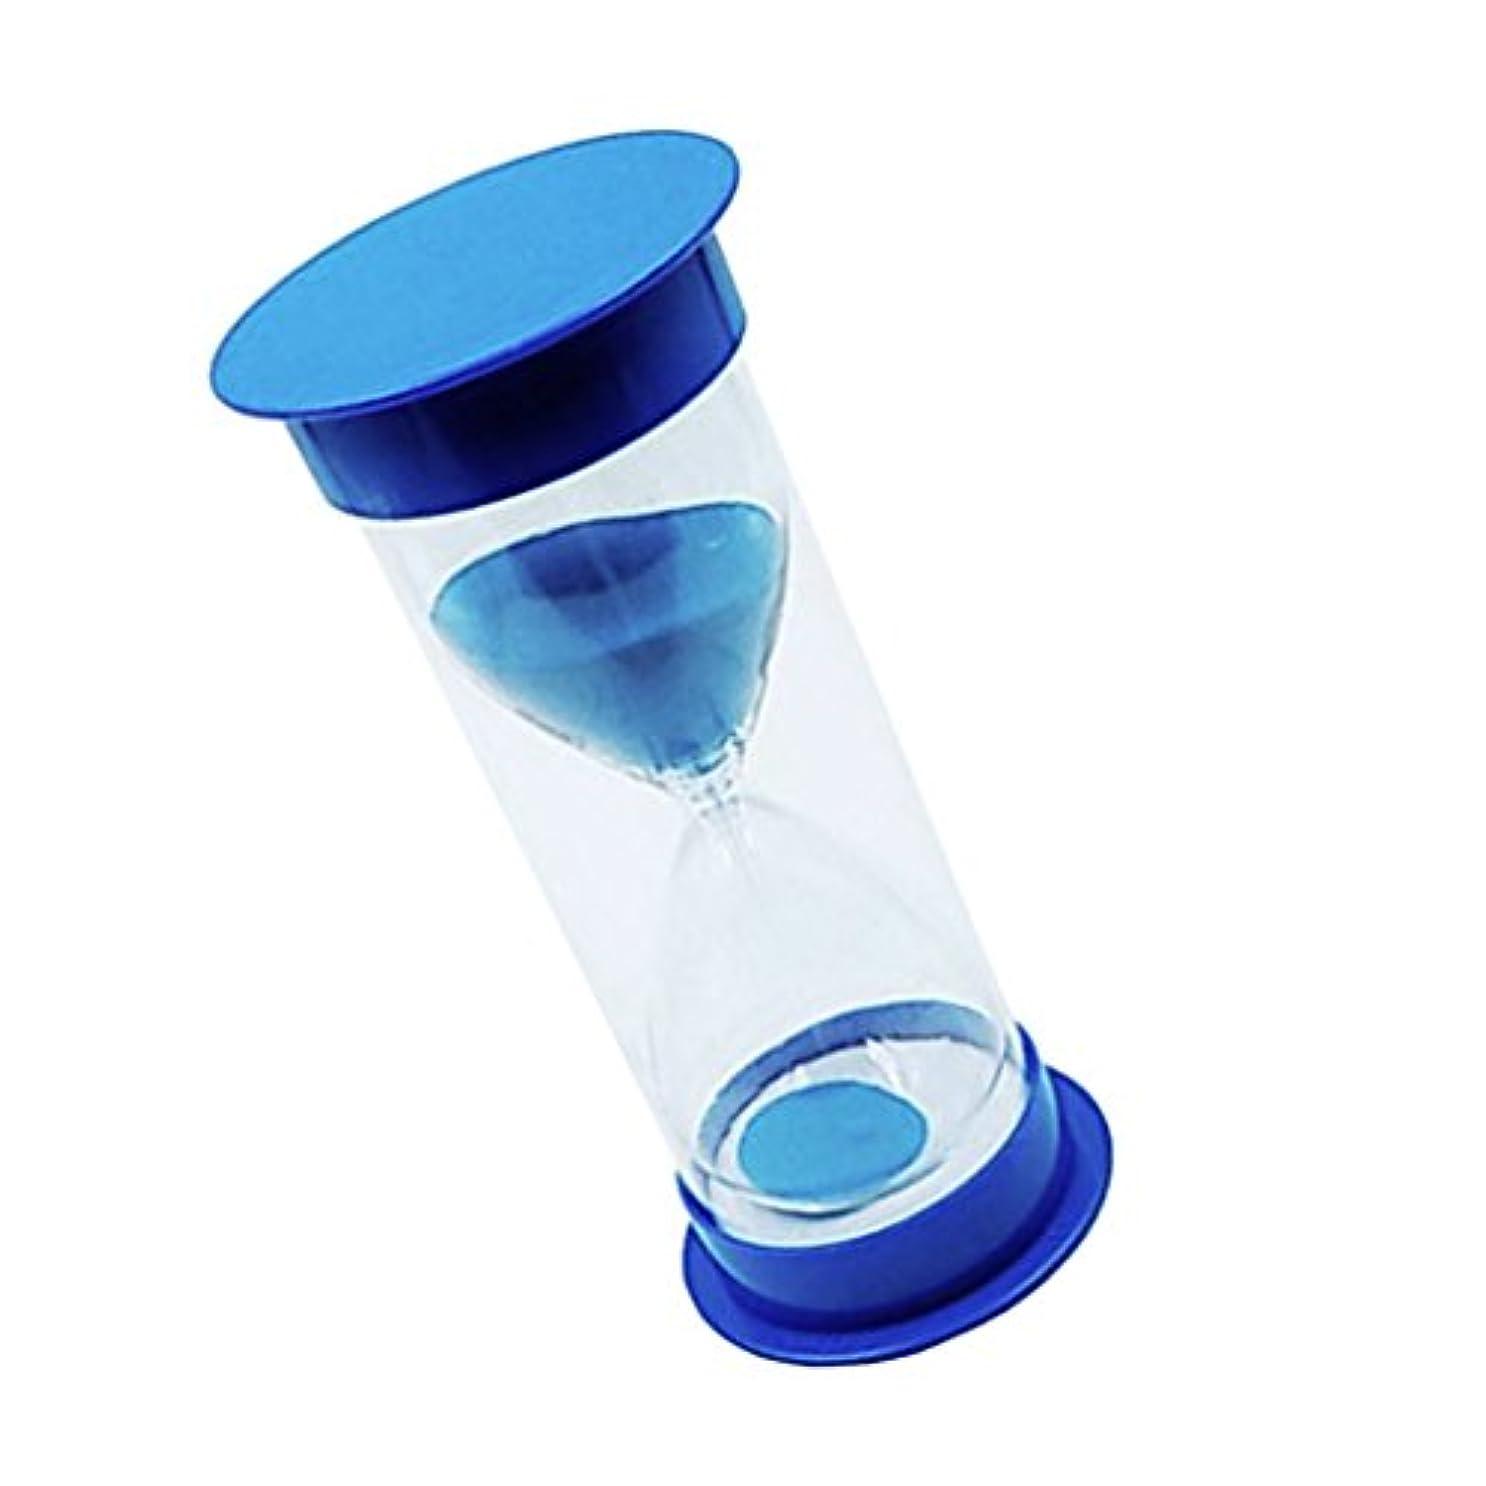 先入観インフレーションオピエート6カラー選択 タイマーサンドクロック 汎用 タイミングツール 砂時計 60分 - 青蓋+青砂